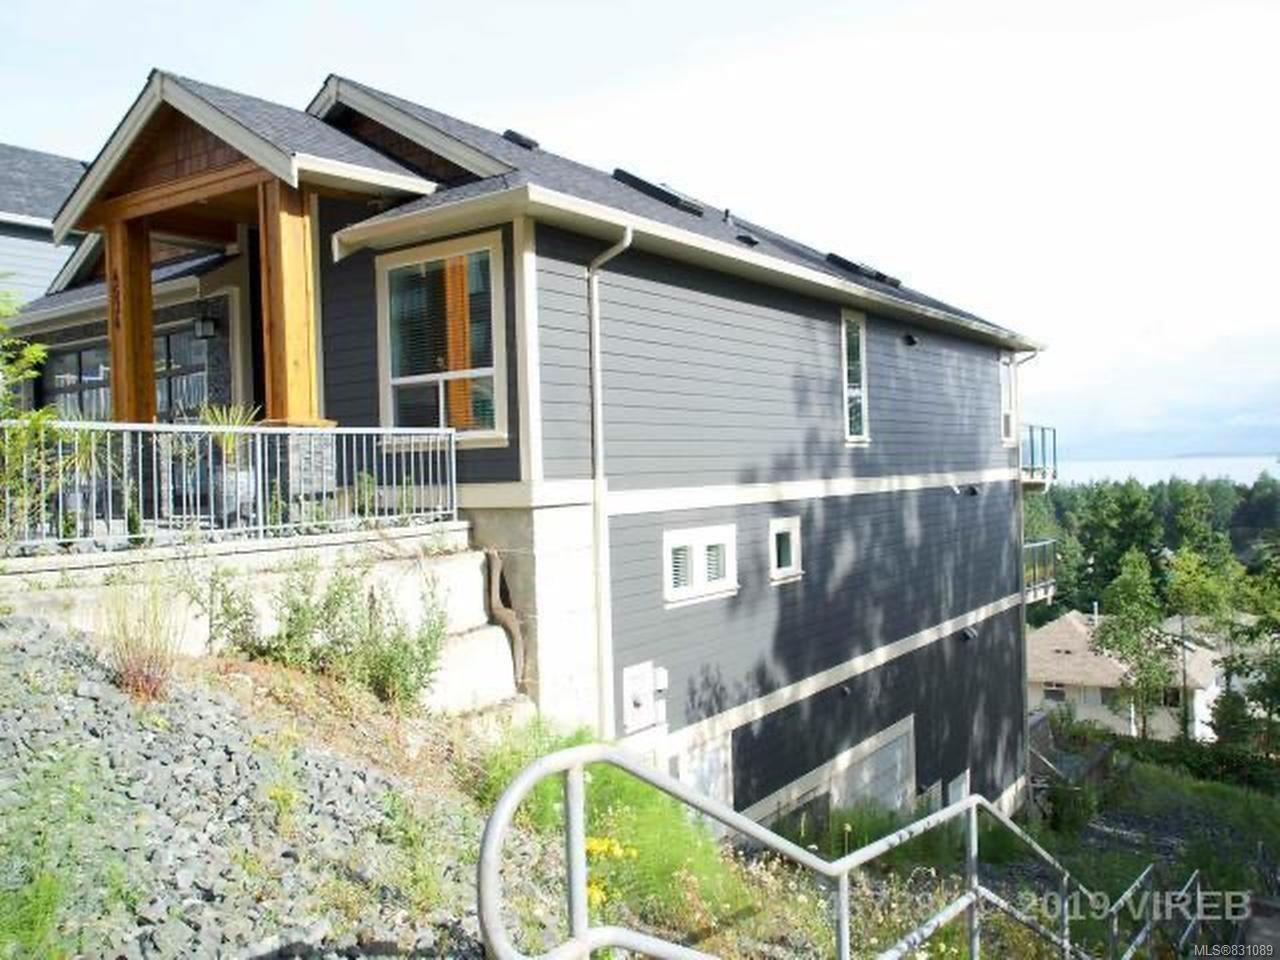 Photo 3: Photos: 4534 Laguna Way in NANAIMO: Na North Nanaimo House for sale (Nanaimo)  : MLS®# 831089